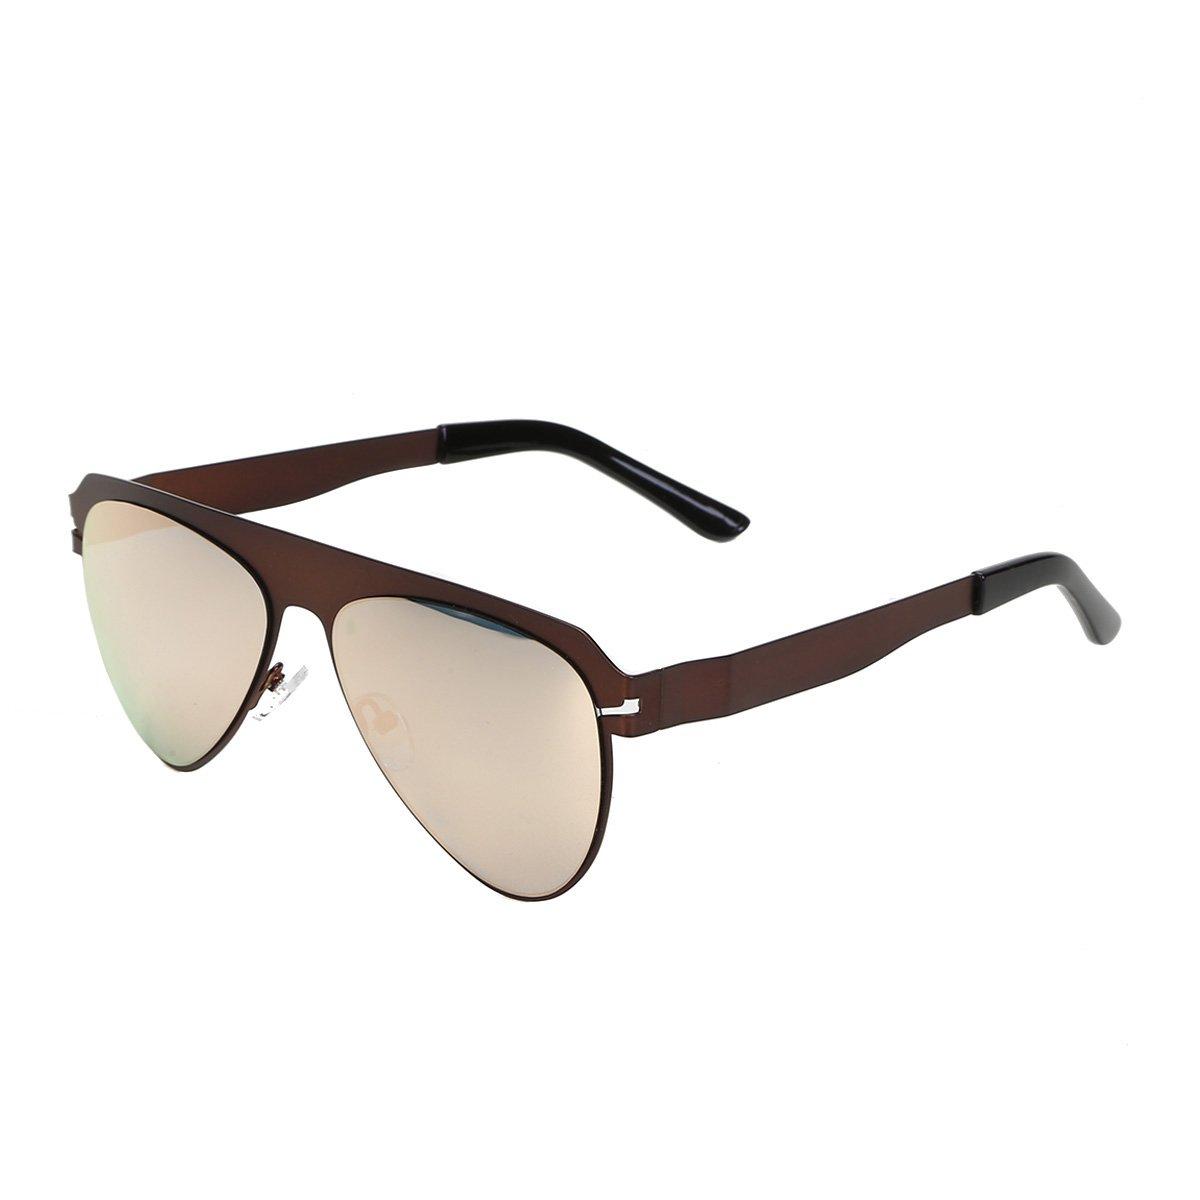 d10f883cc Óculos de Sol King One A111